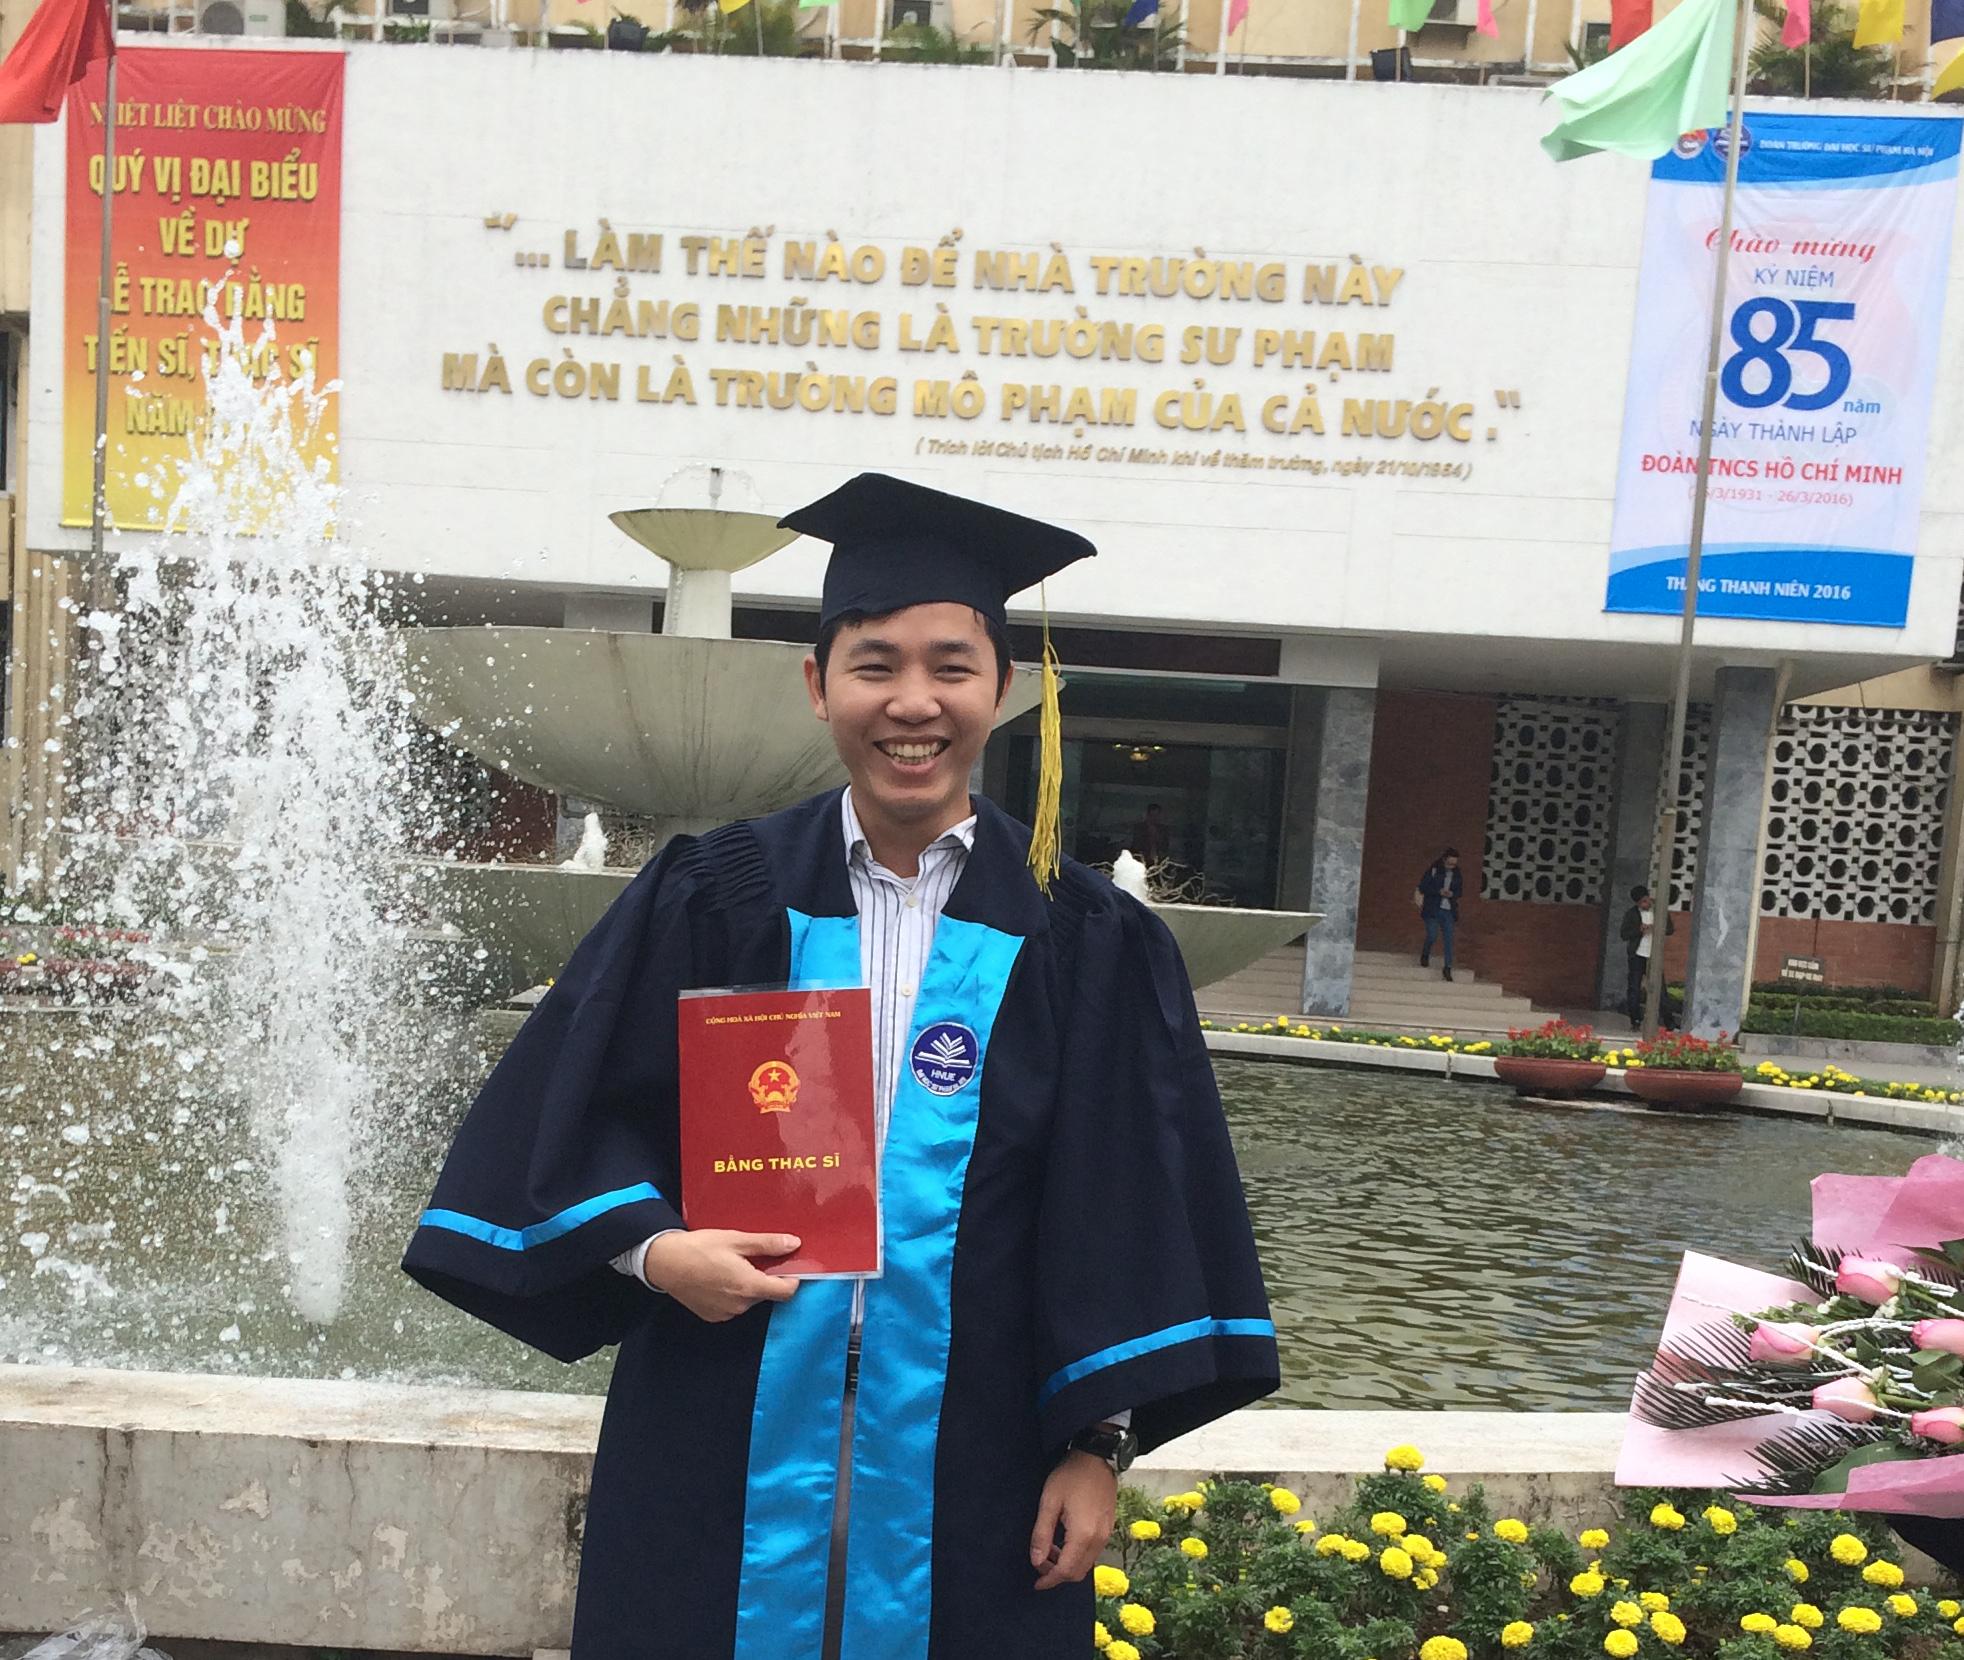 Giáo viên dạy thêm, ôn luyện thi toán ở Hà Nội